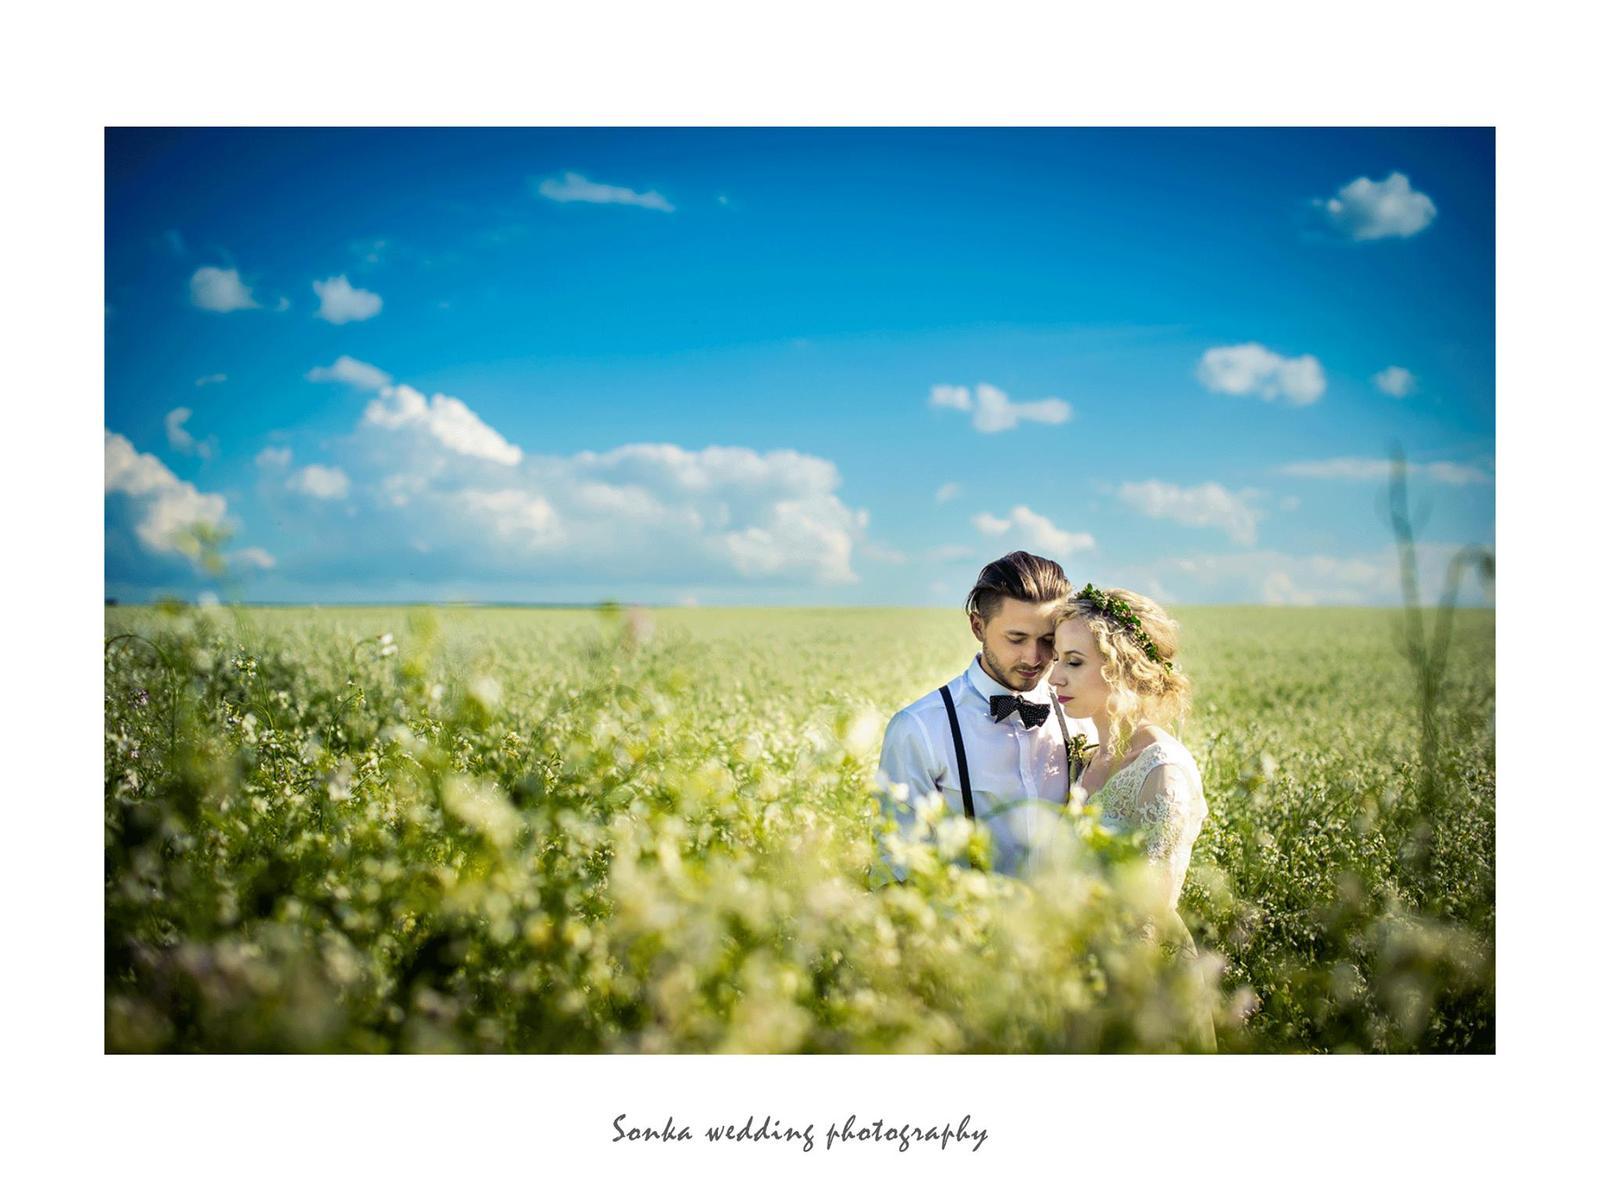 Wedding photography - Obrázek č. 16